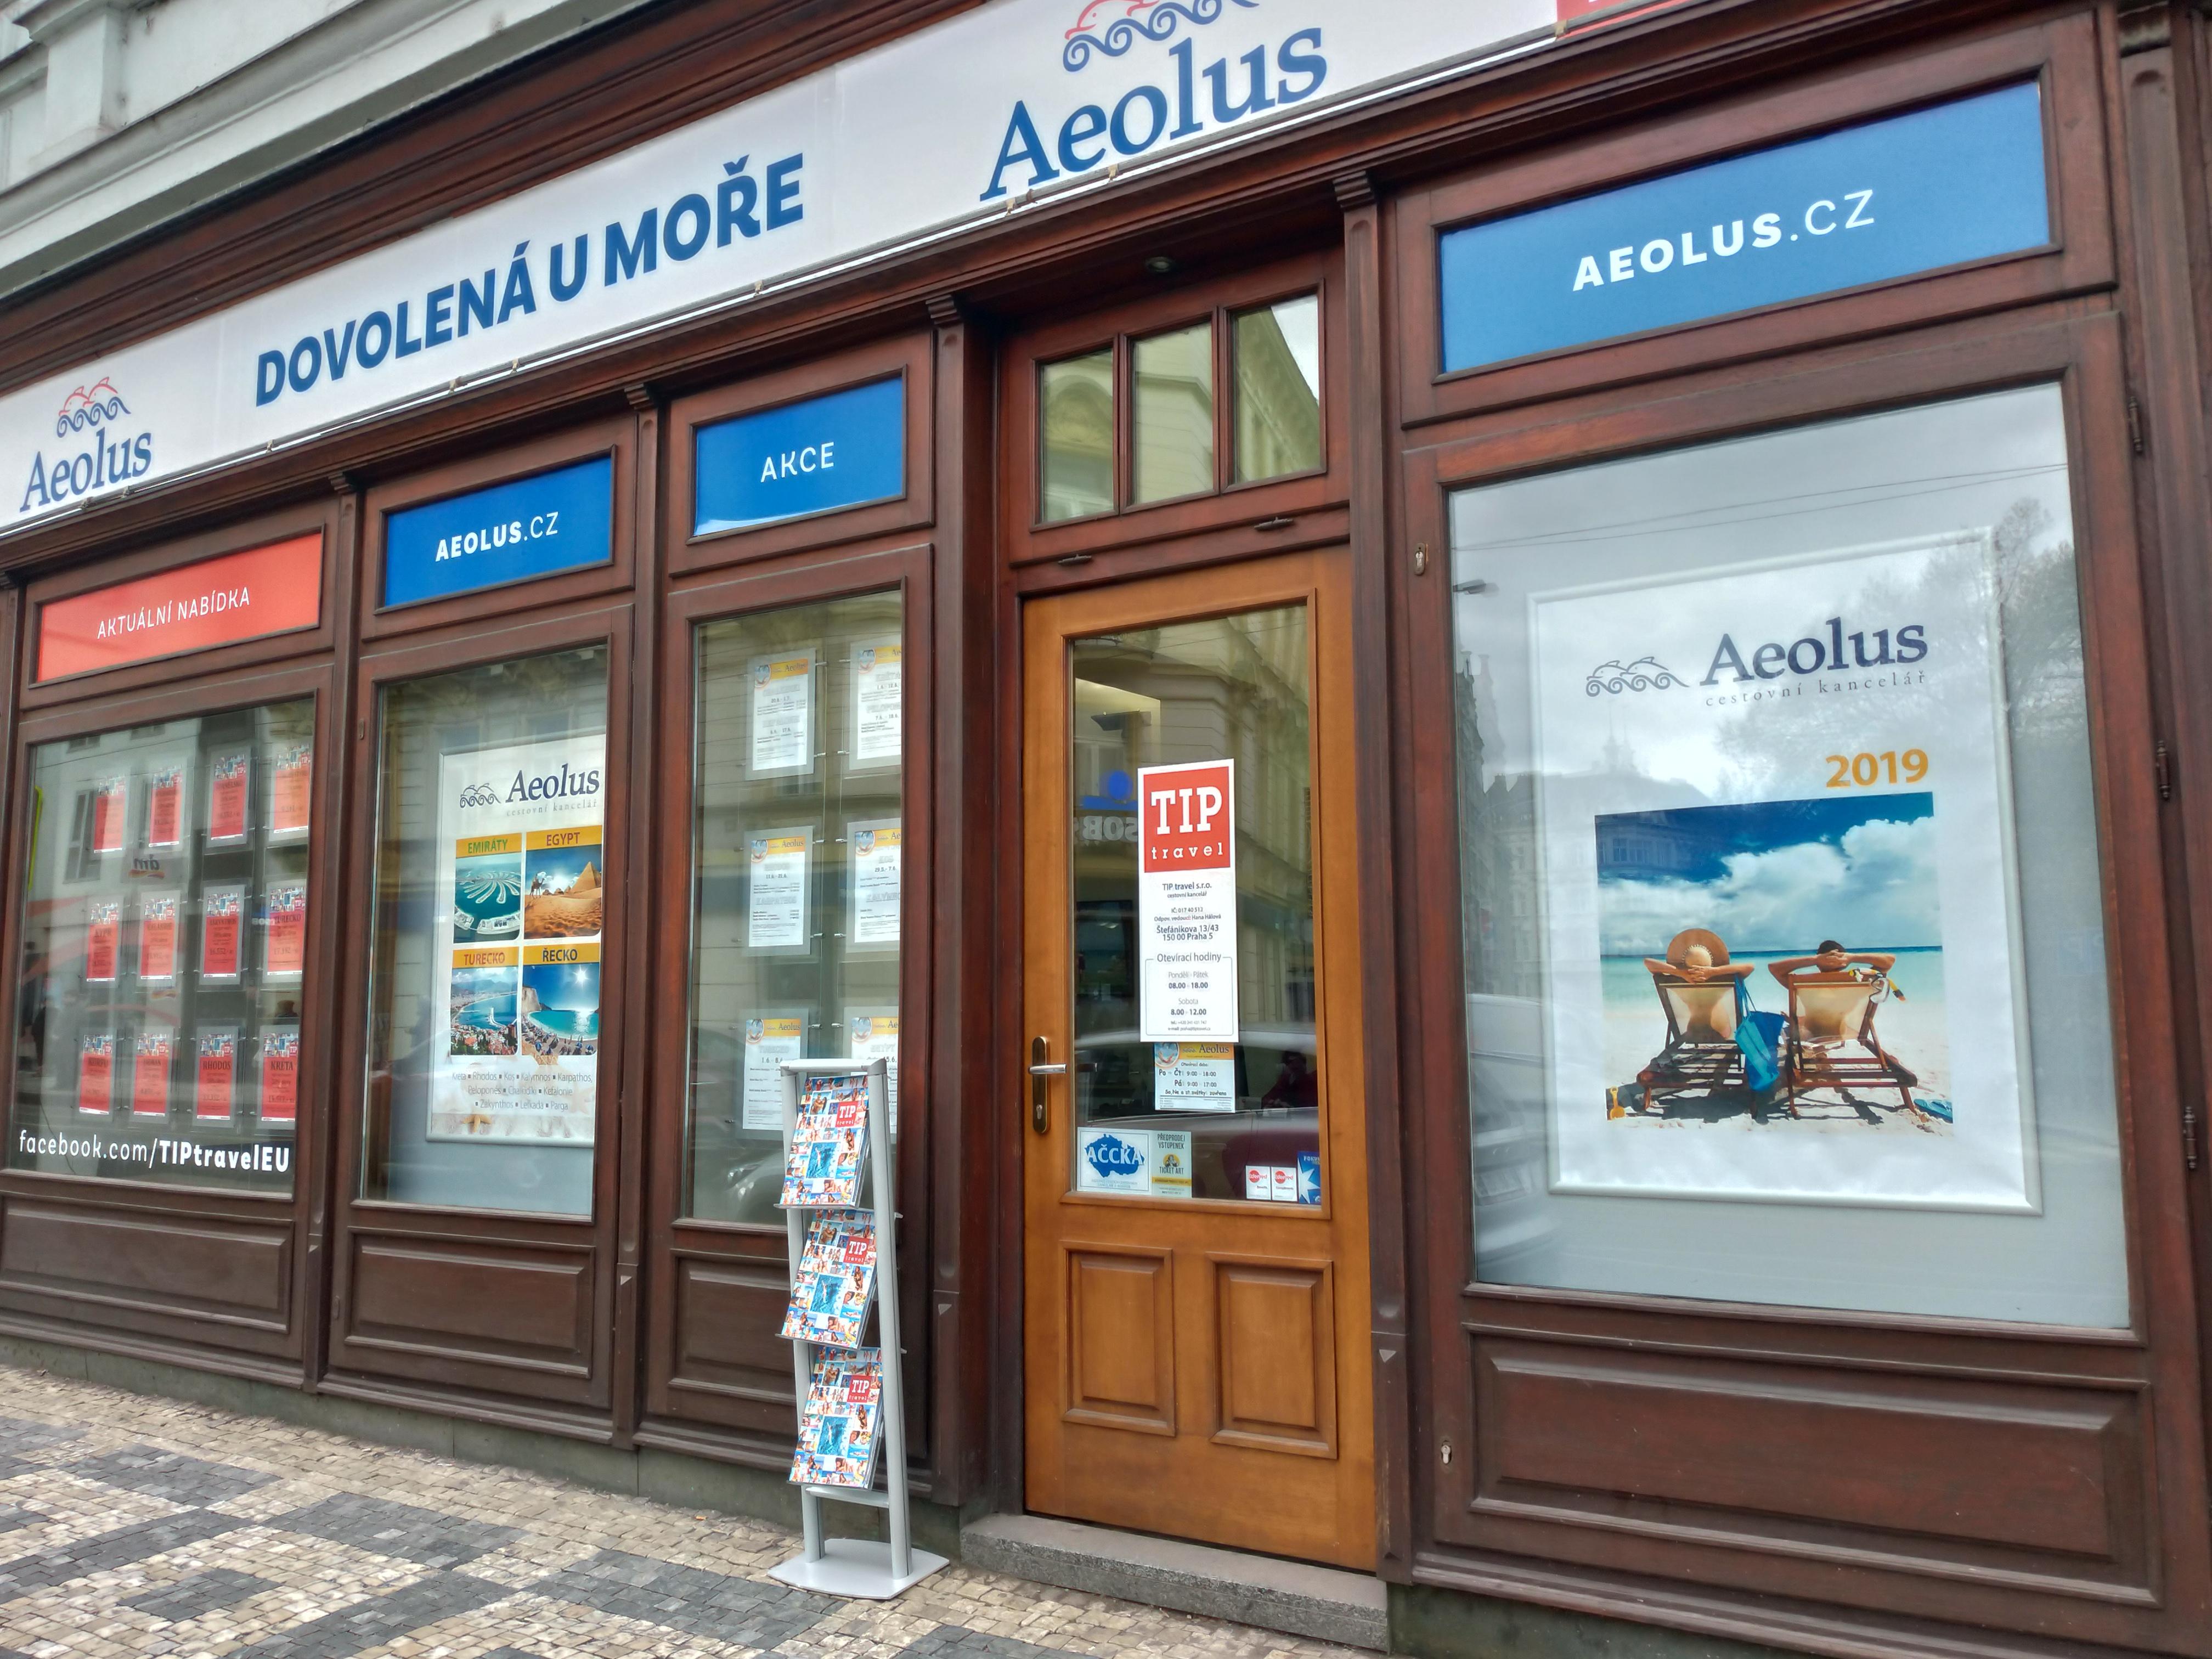 AEOLUS Praha, řecká cestovní kancelář s.r.o.